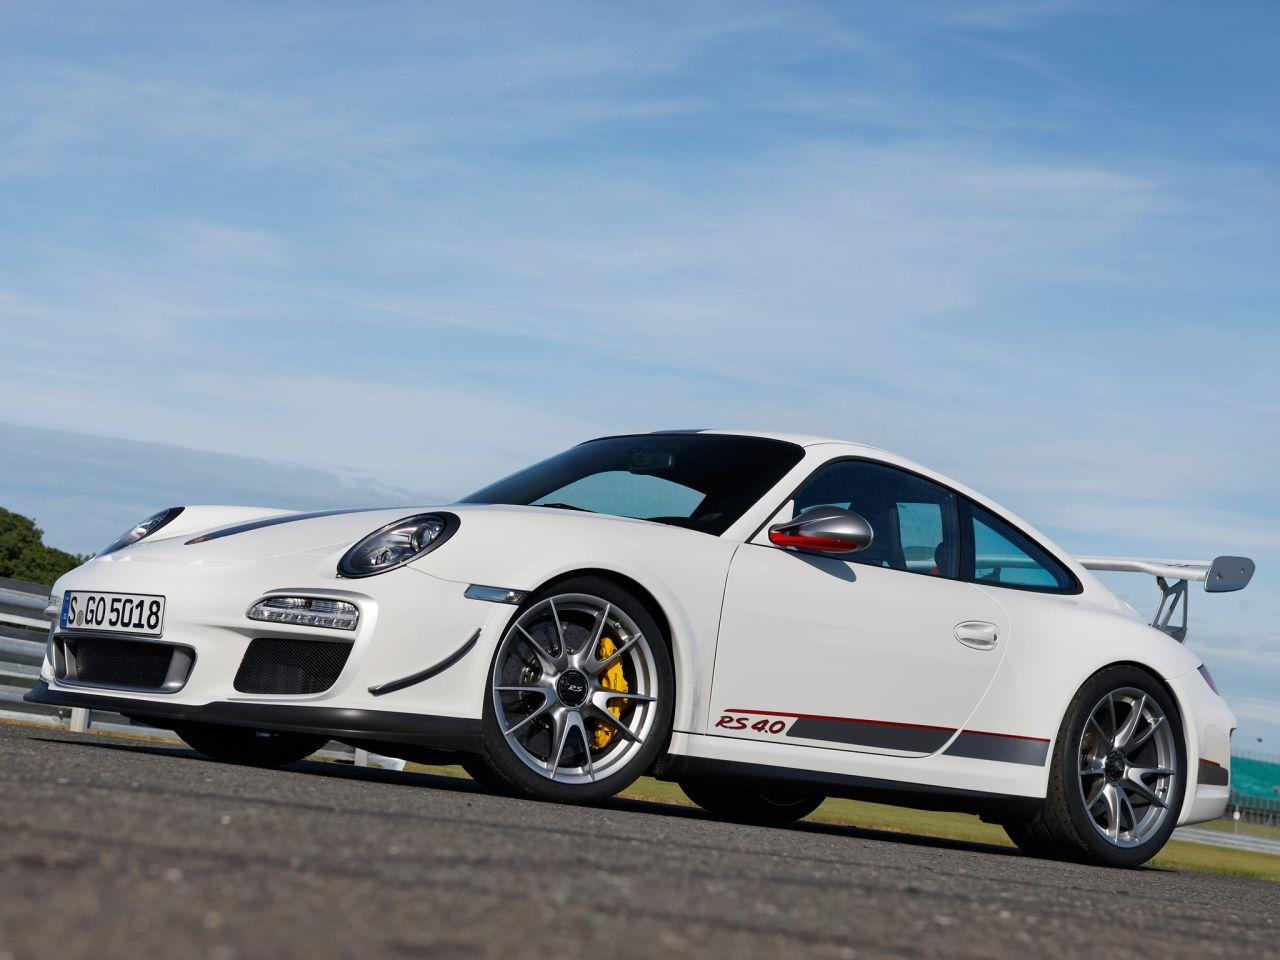 Porsche 911 997 GT3 RS 4.0 - La dernière fusée du bouquet 11